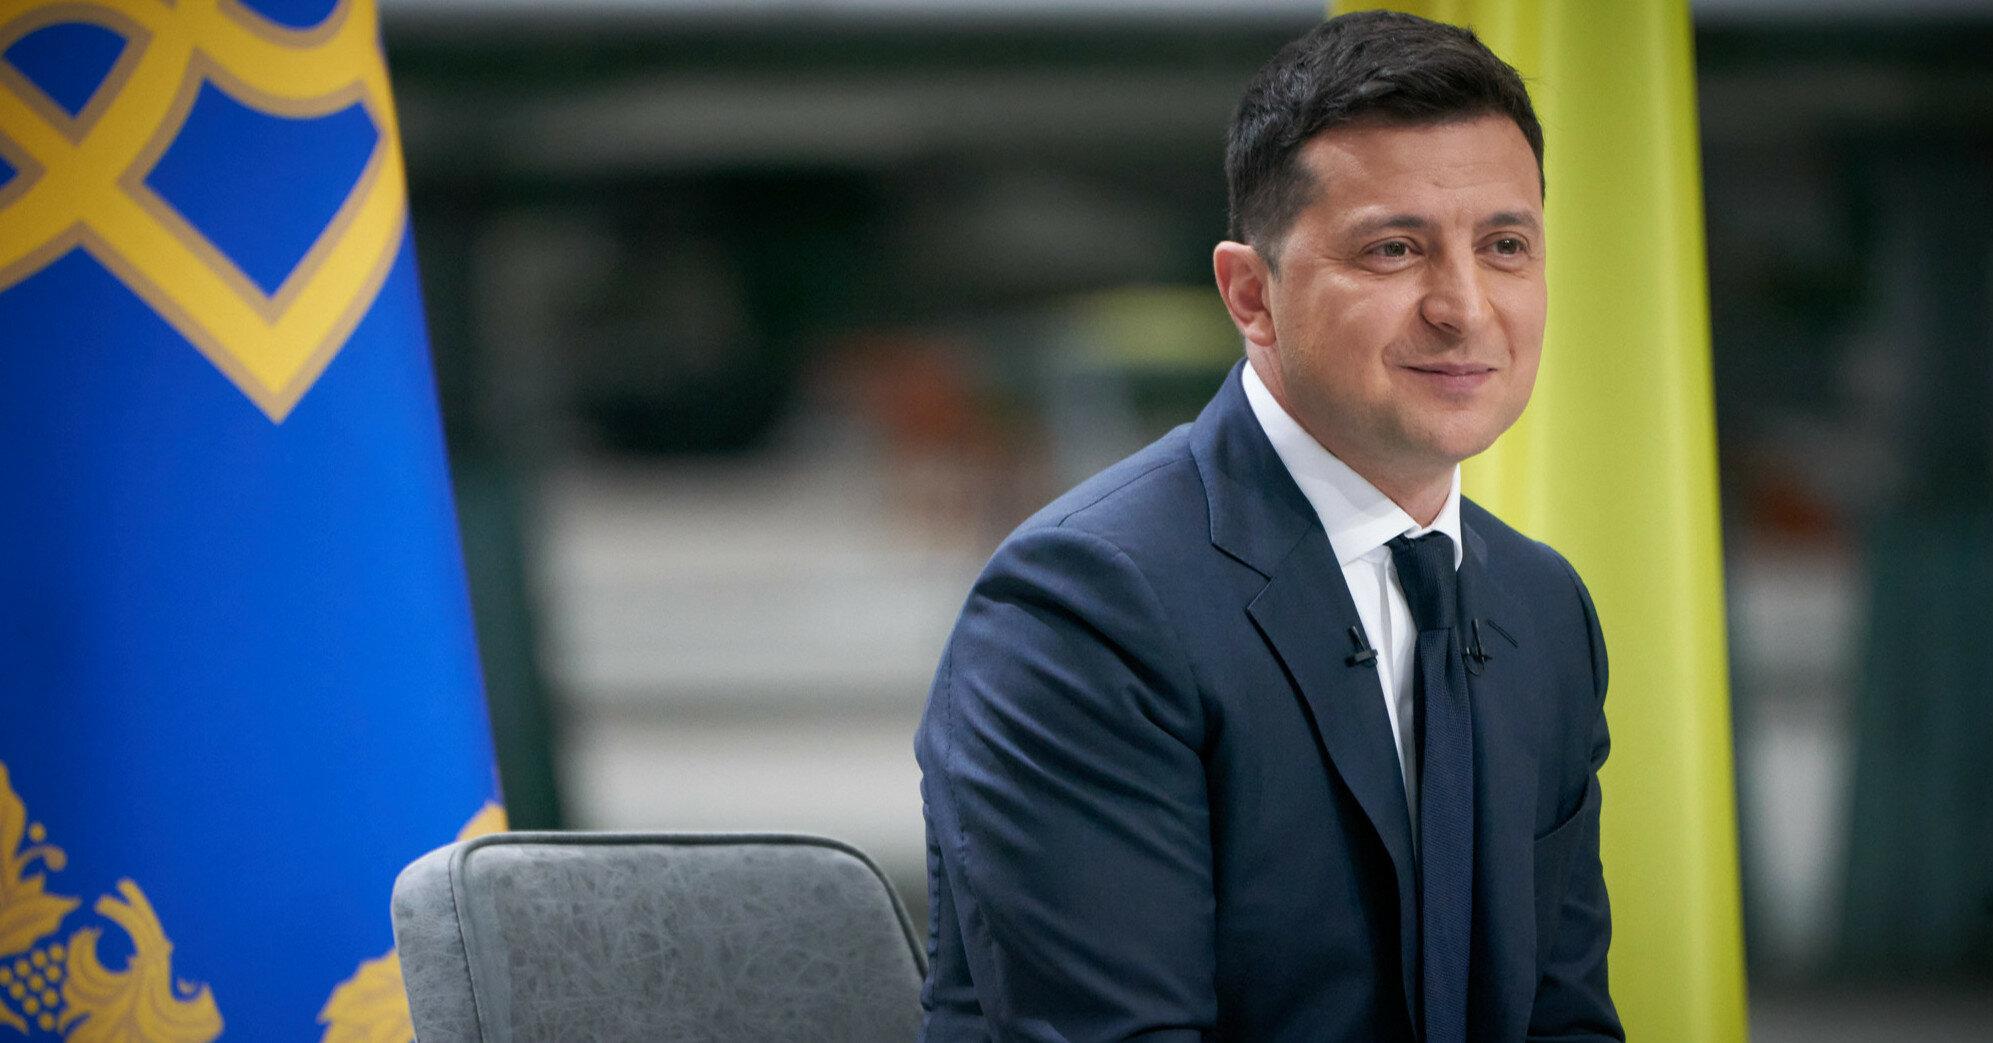 Зеленский прокомментировал возможность встречи с Байденом в Женеве